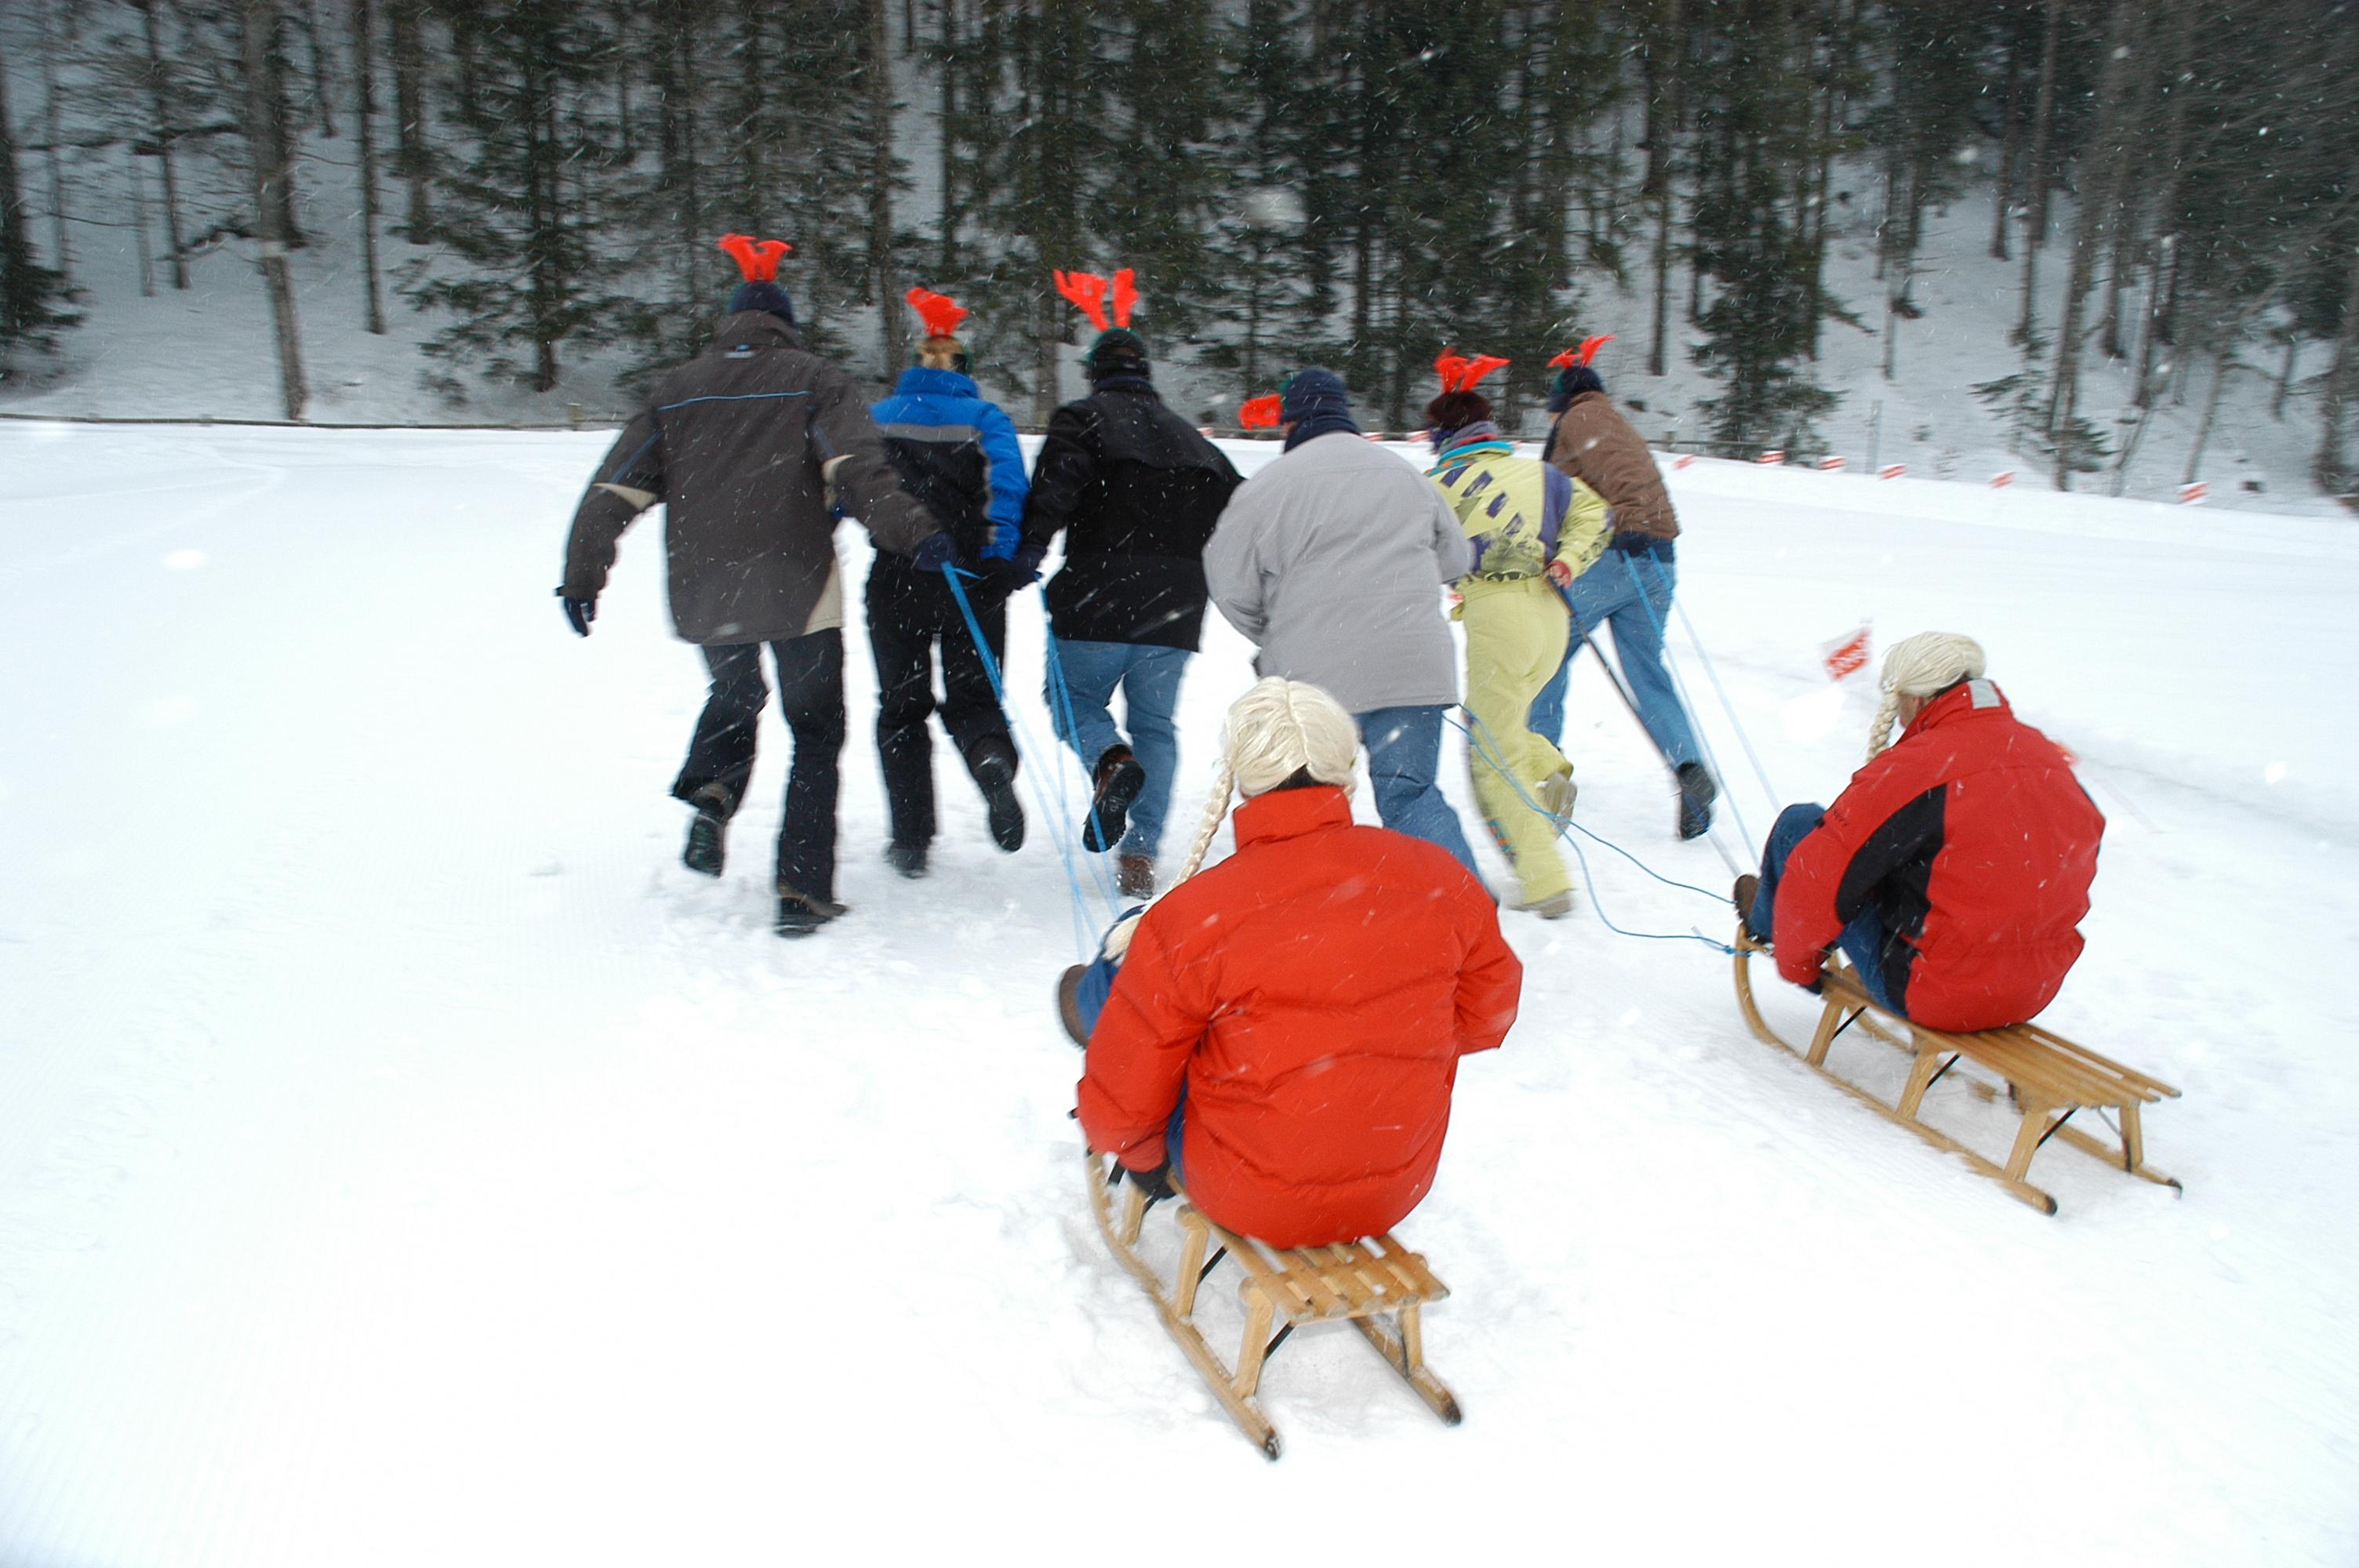 Destinalp Teambuilding Activities